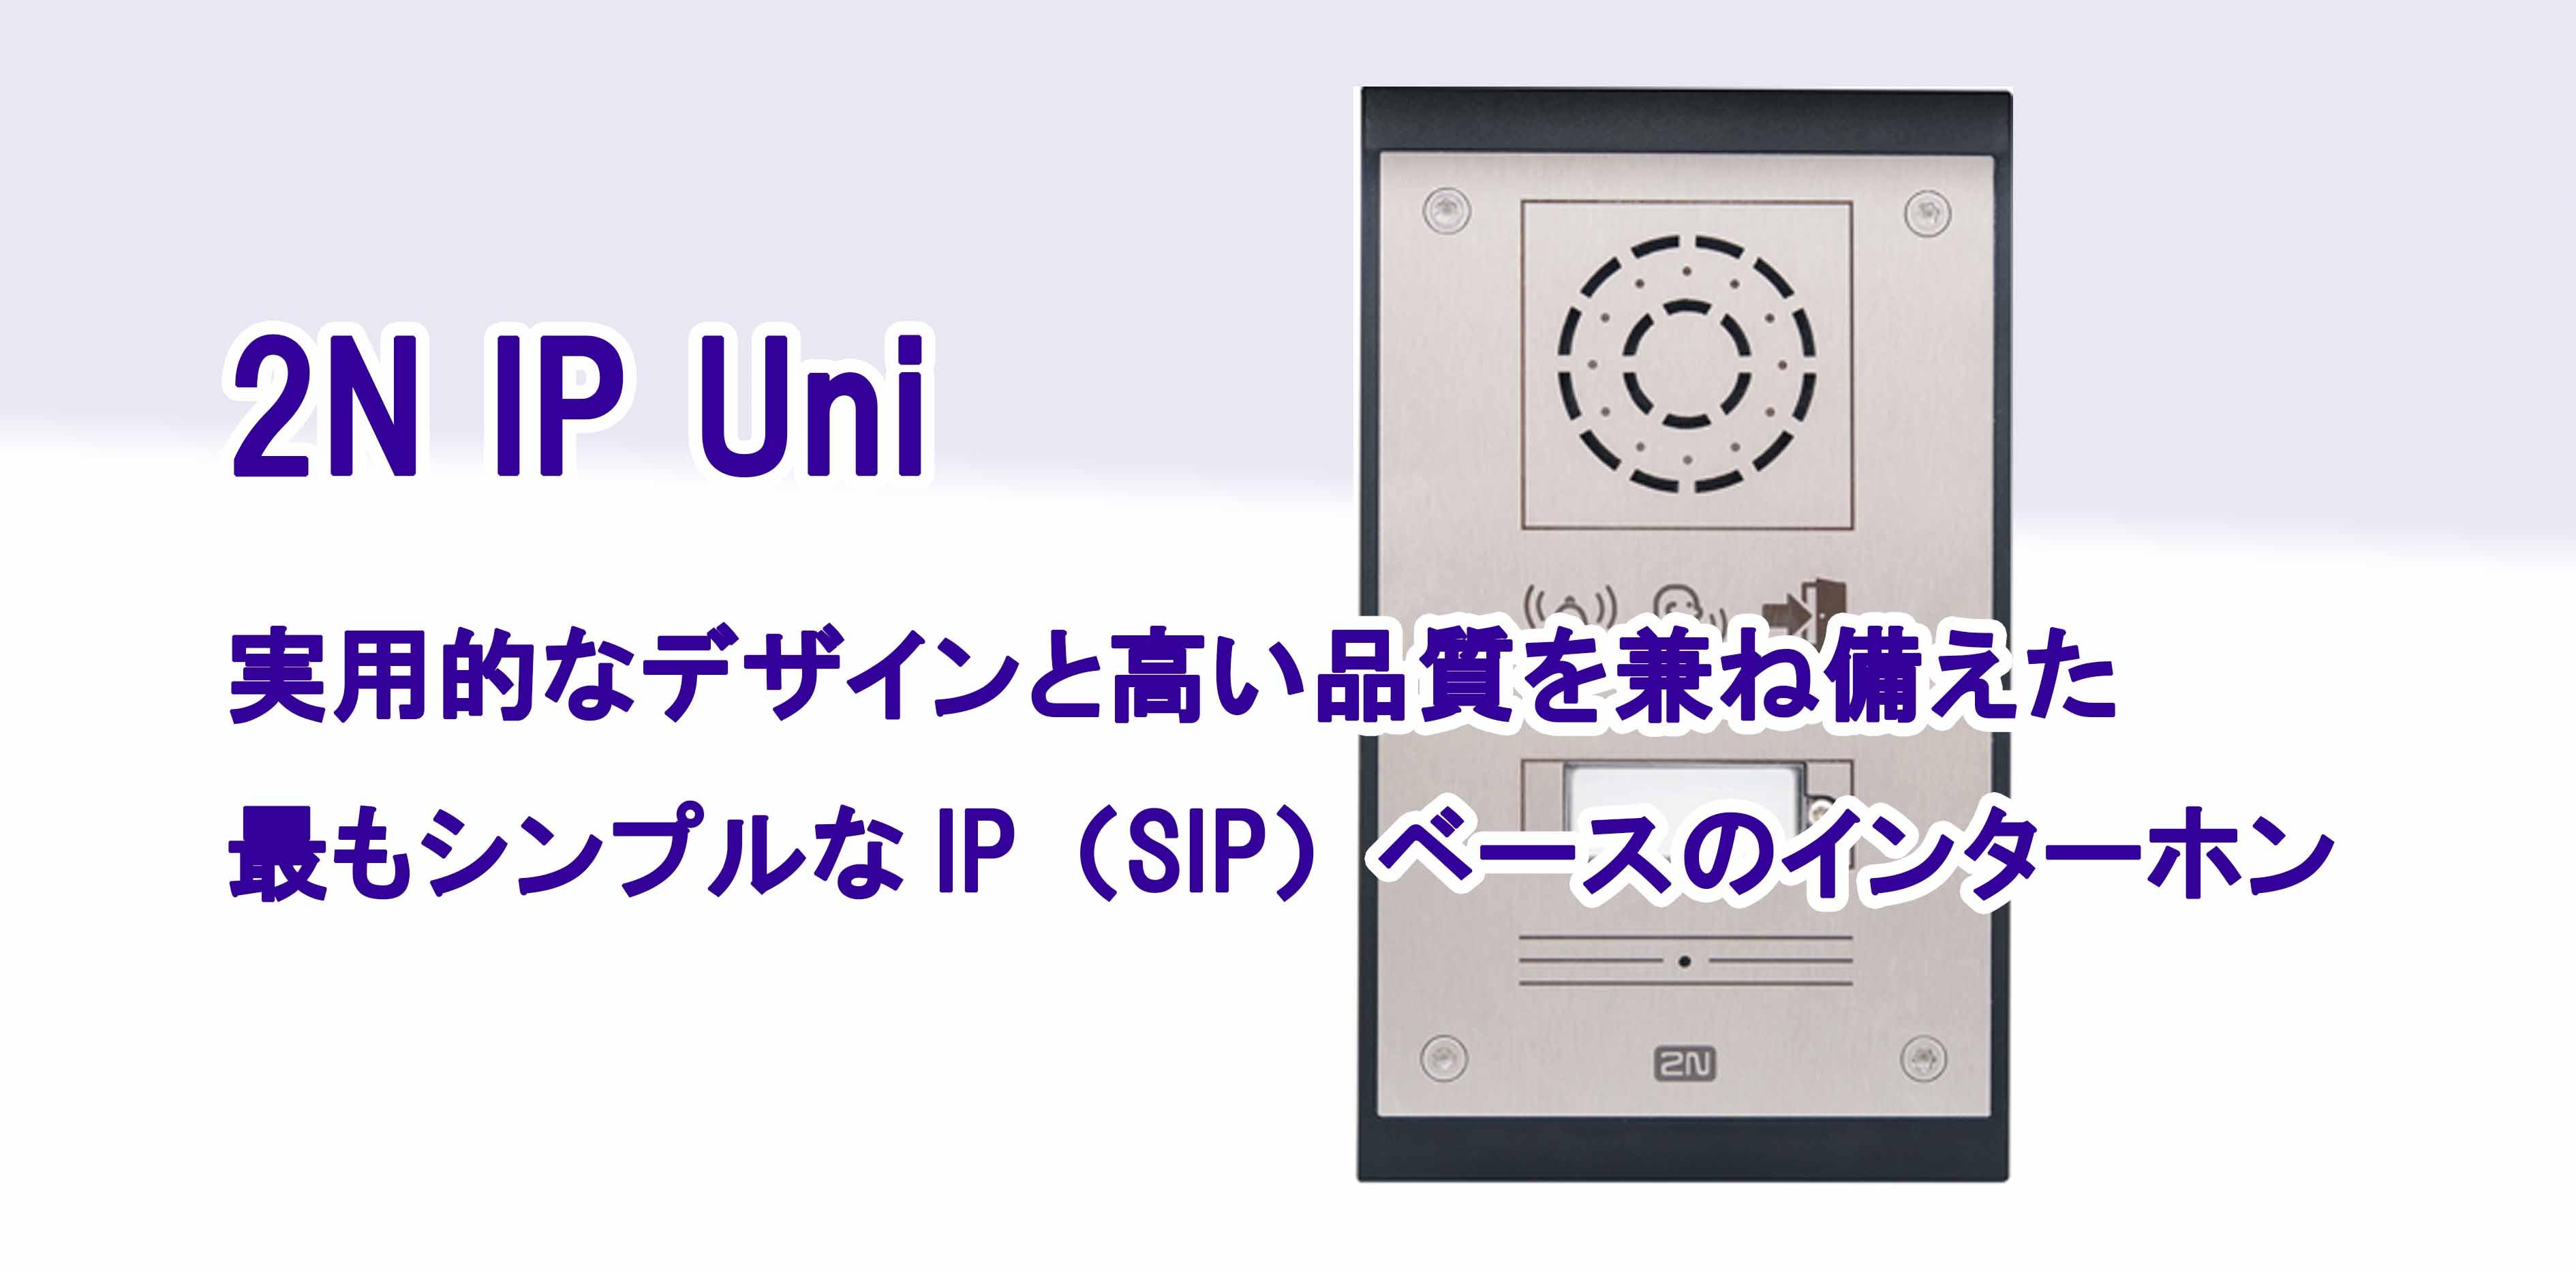 IP Uni